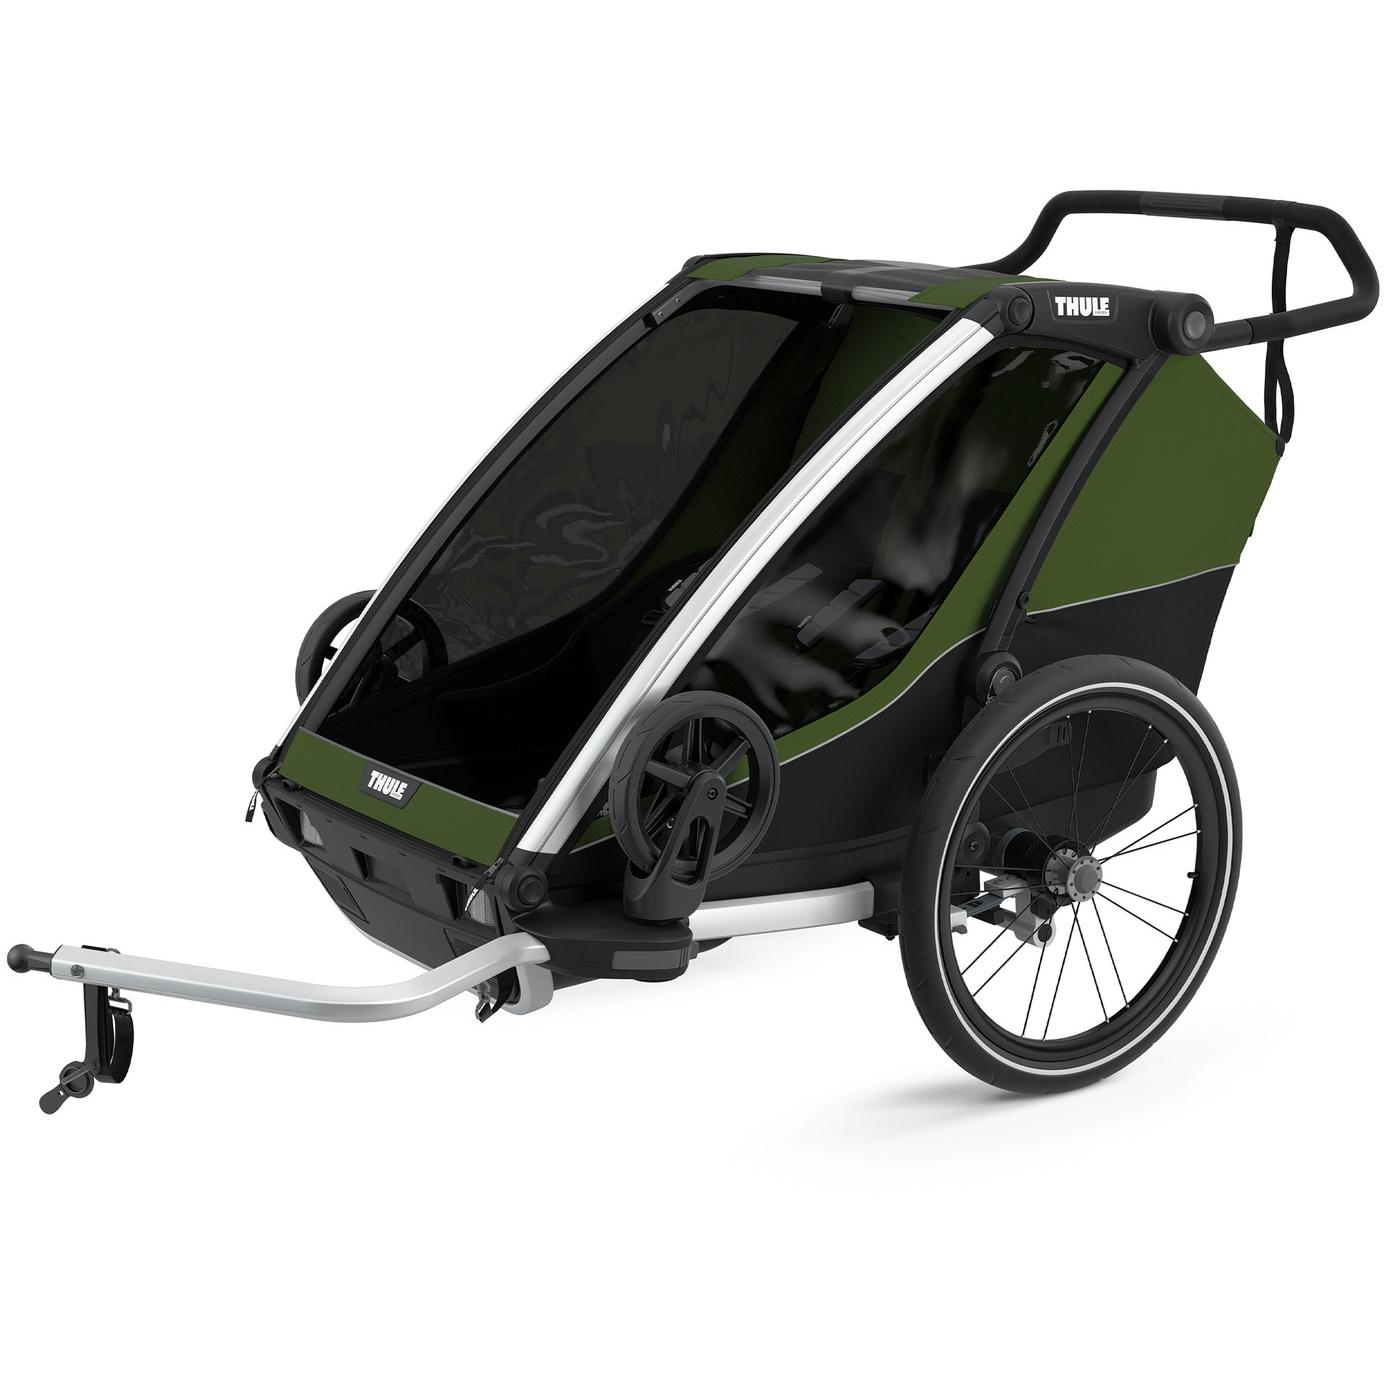 Foto de Thule Chariot Cab 2 - Remolque de bicicleta para 2 niños - cypress green